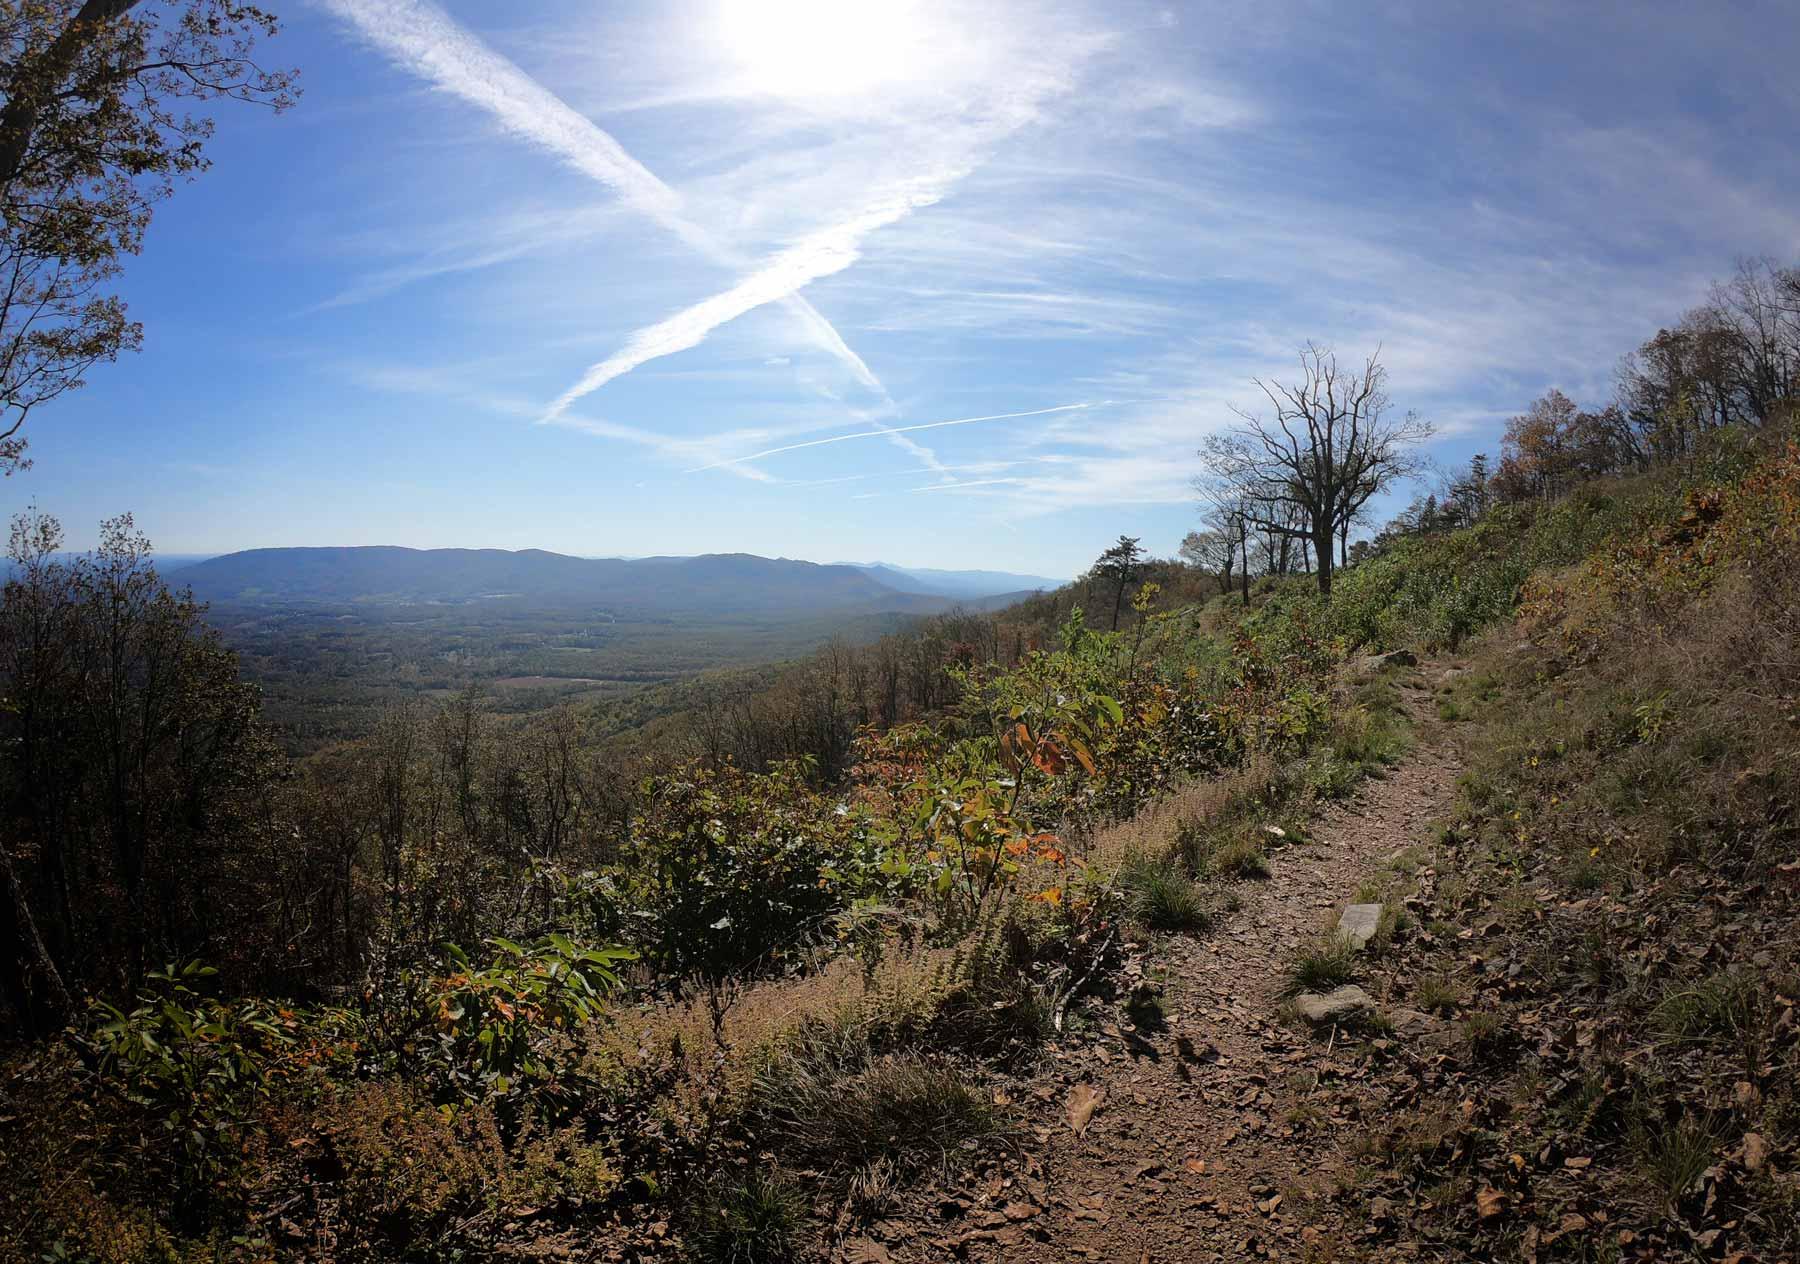 Appalachian Trail from Harveys Knob Overlook to Montvale Overlook on Blue Ridge Parkway, Virginia